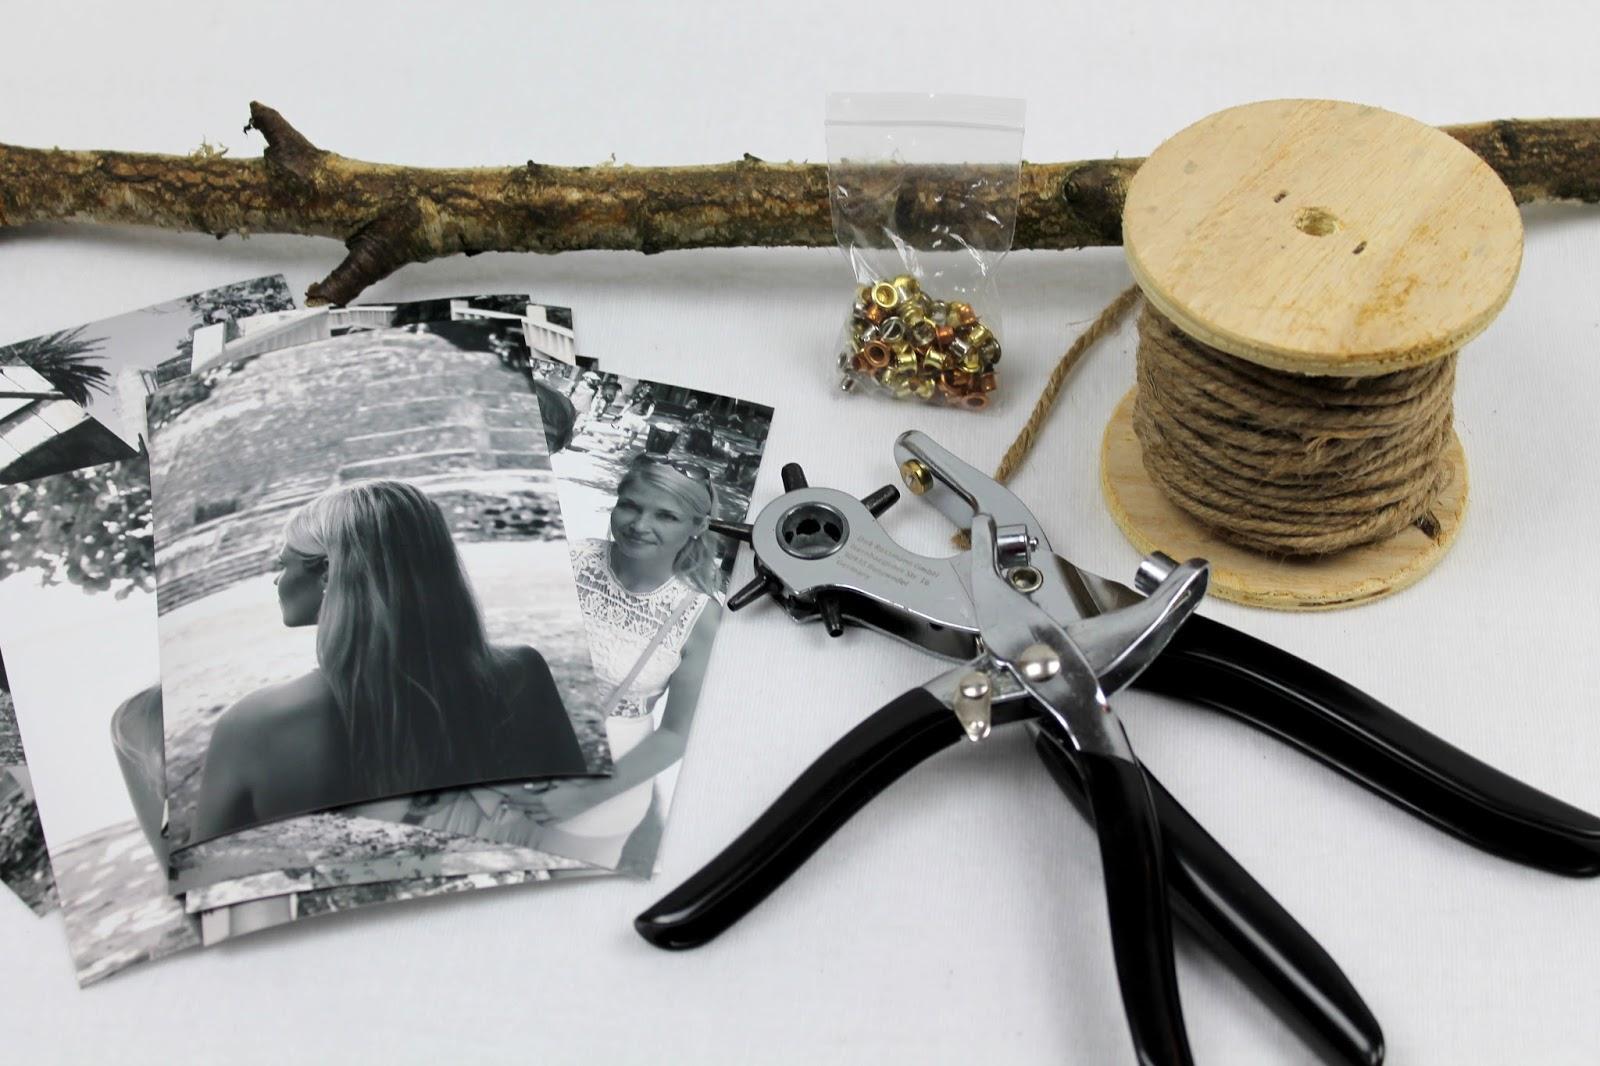 DIY originieller Bilderrahmen ganz einfach selber machen - Fotos an einem Ast